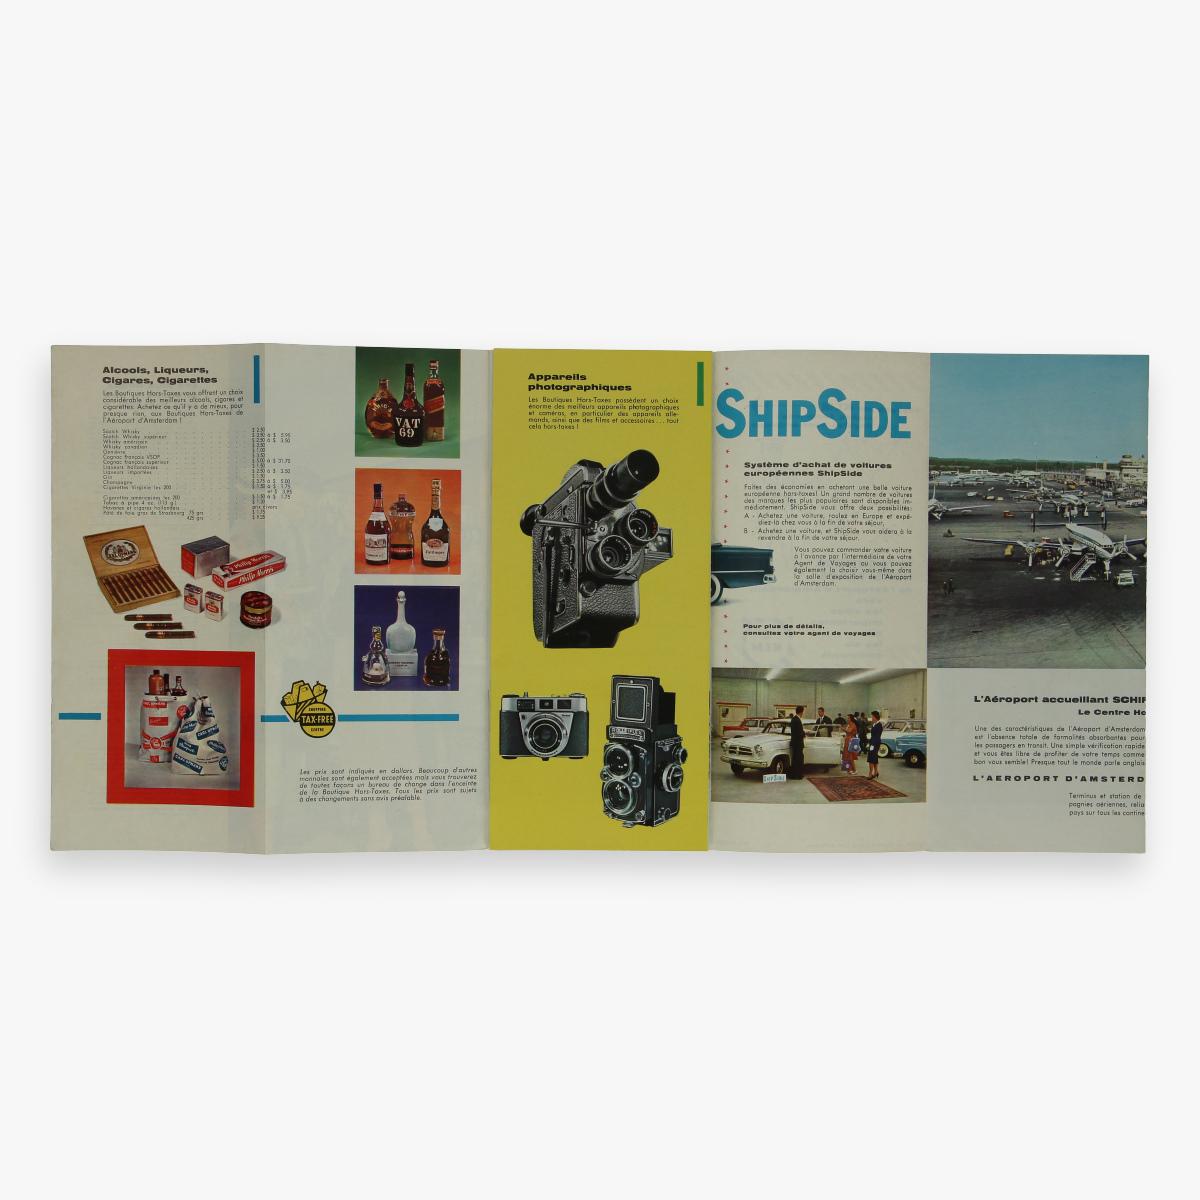 Afbeeldingen van luchtvaart folder tax - free shopping - klm